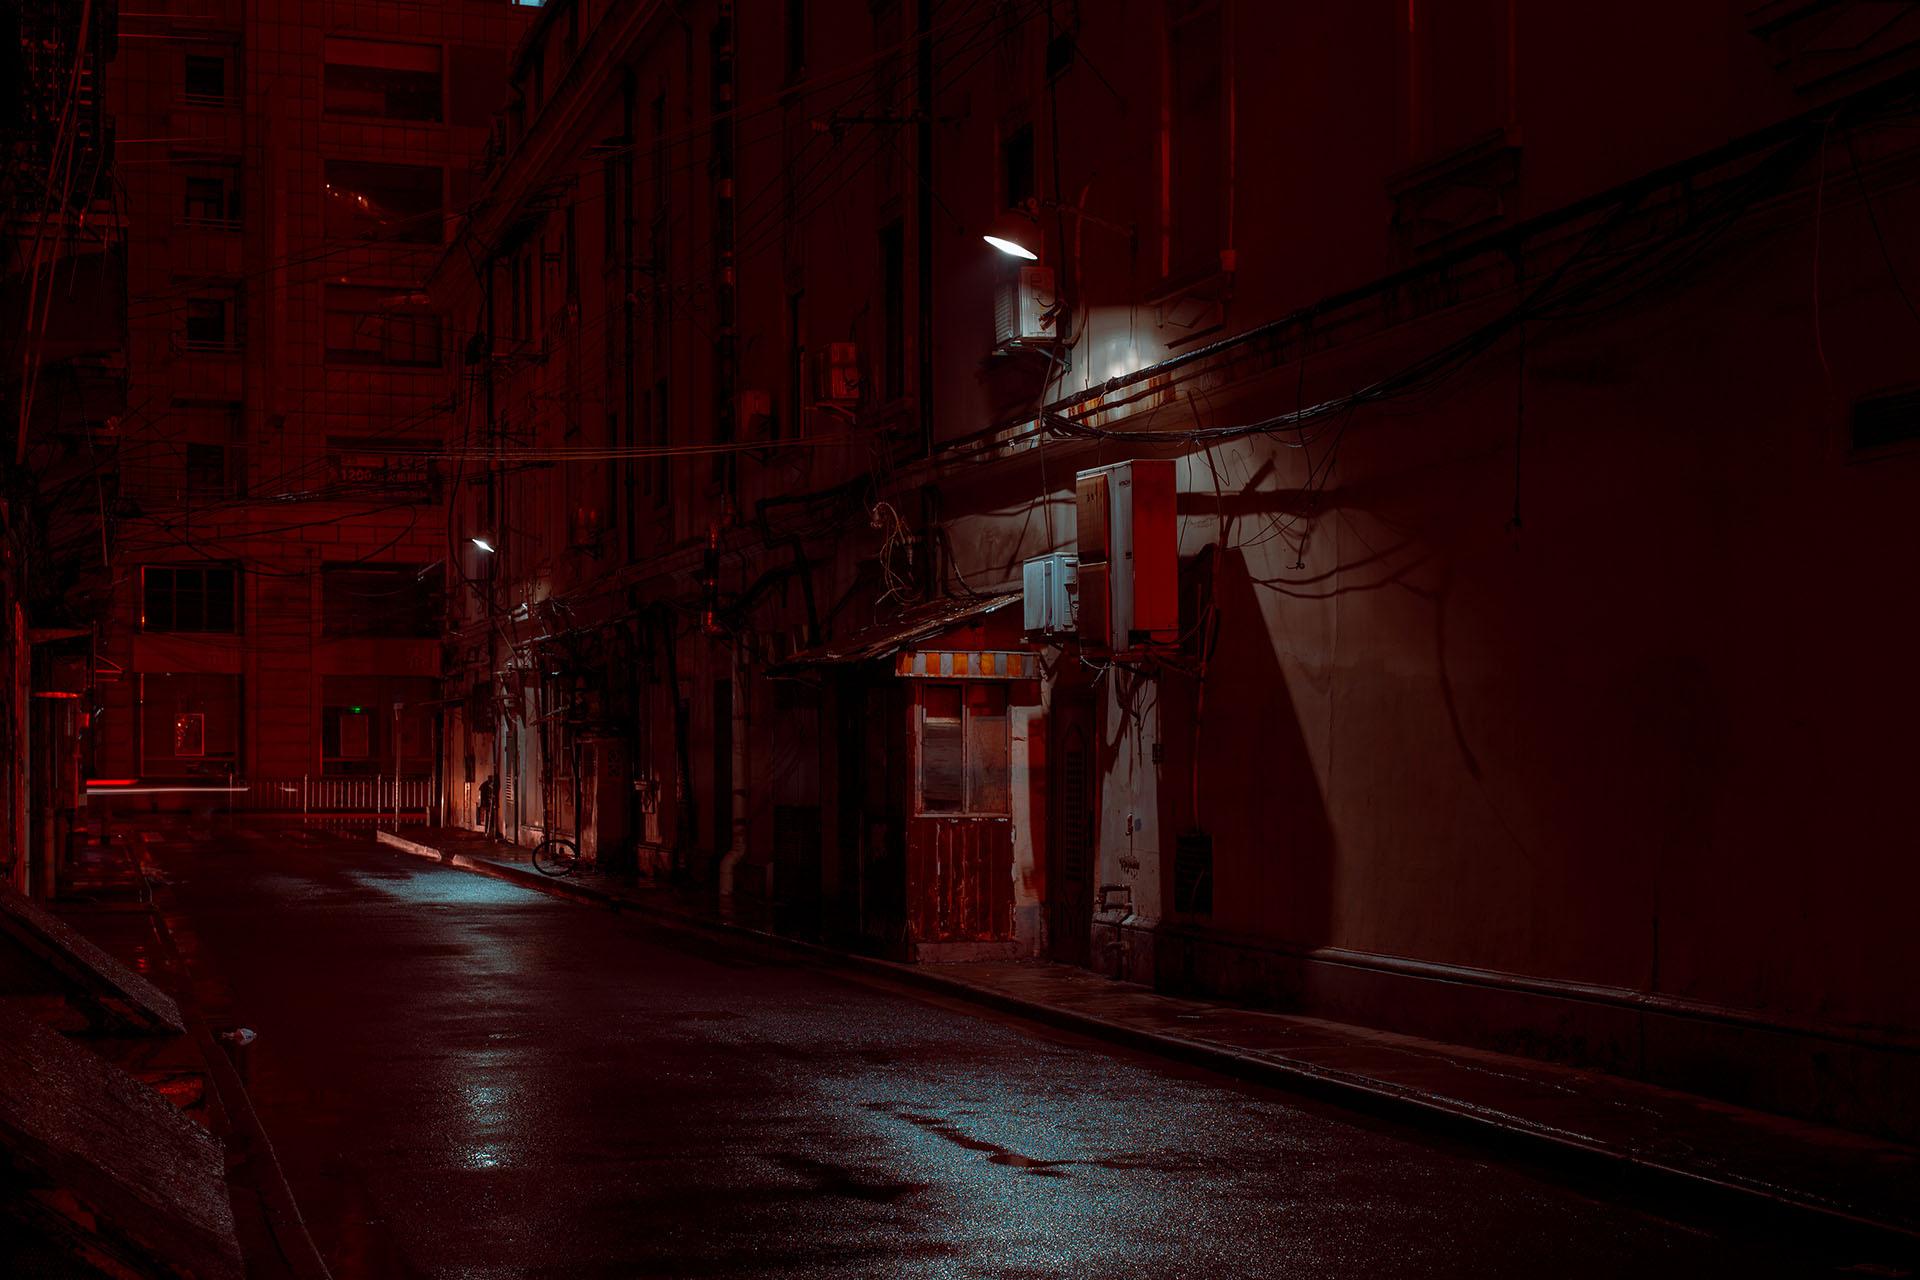 shanghai-streets-10.jpg